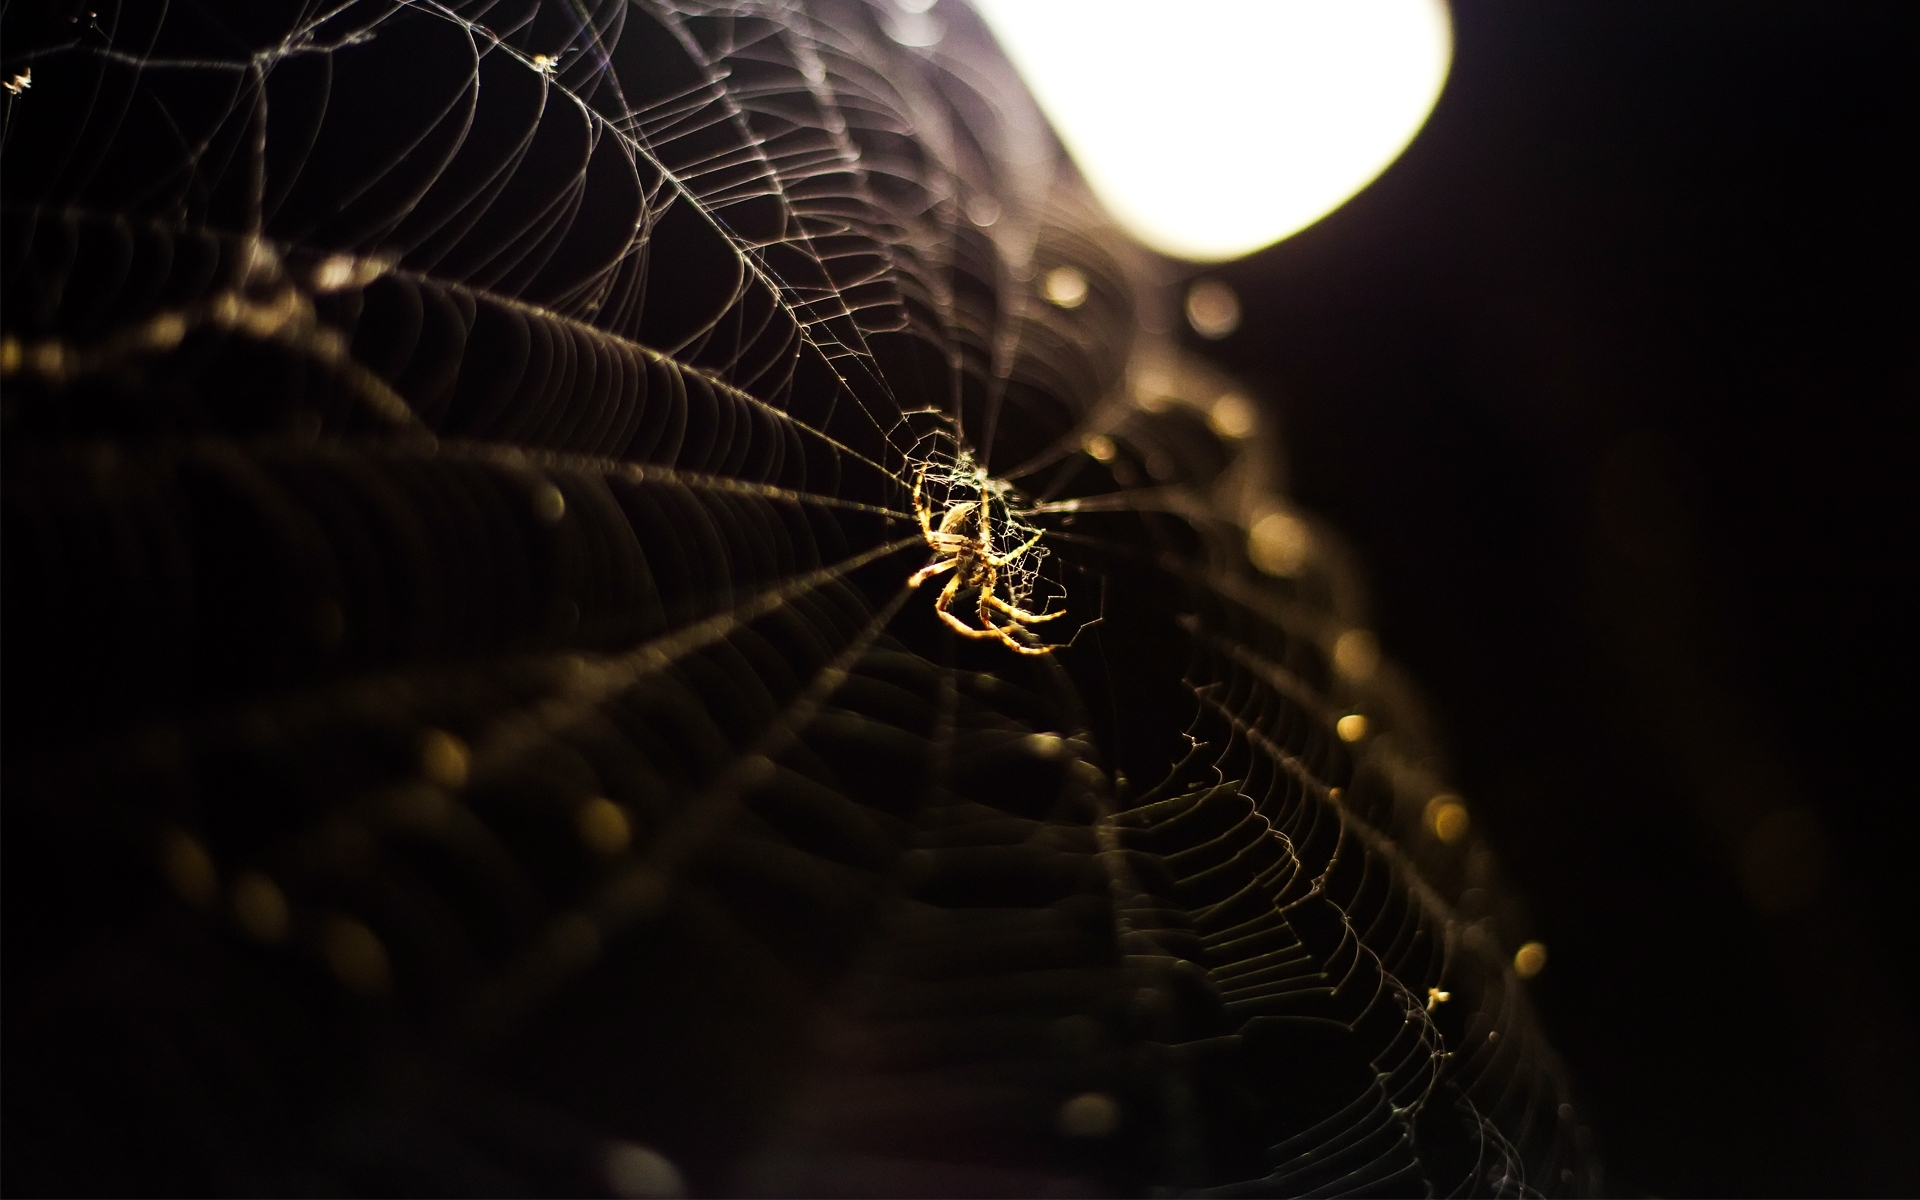 free spider wallpaper 23766